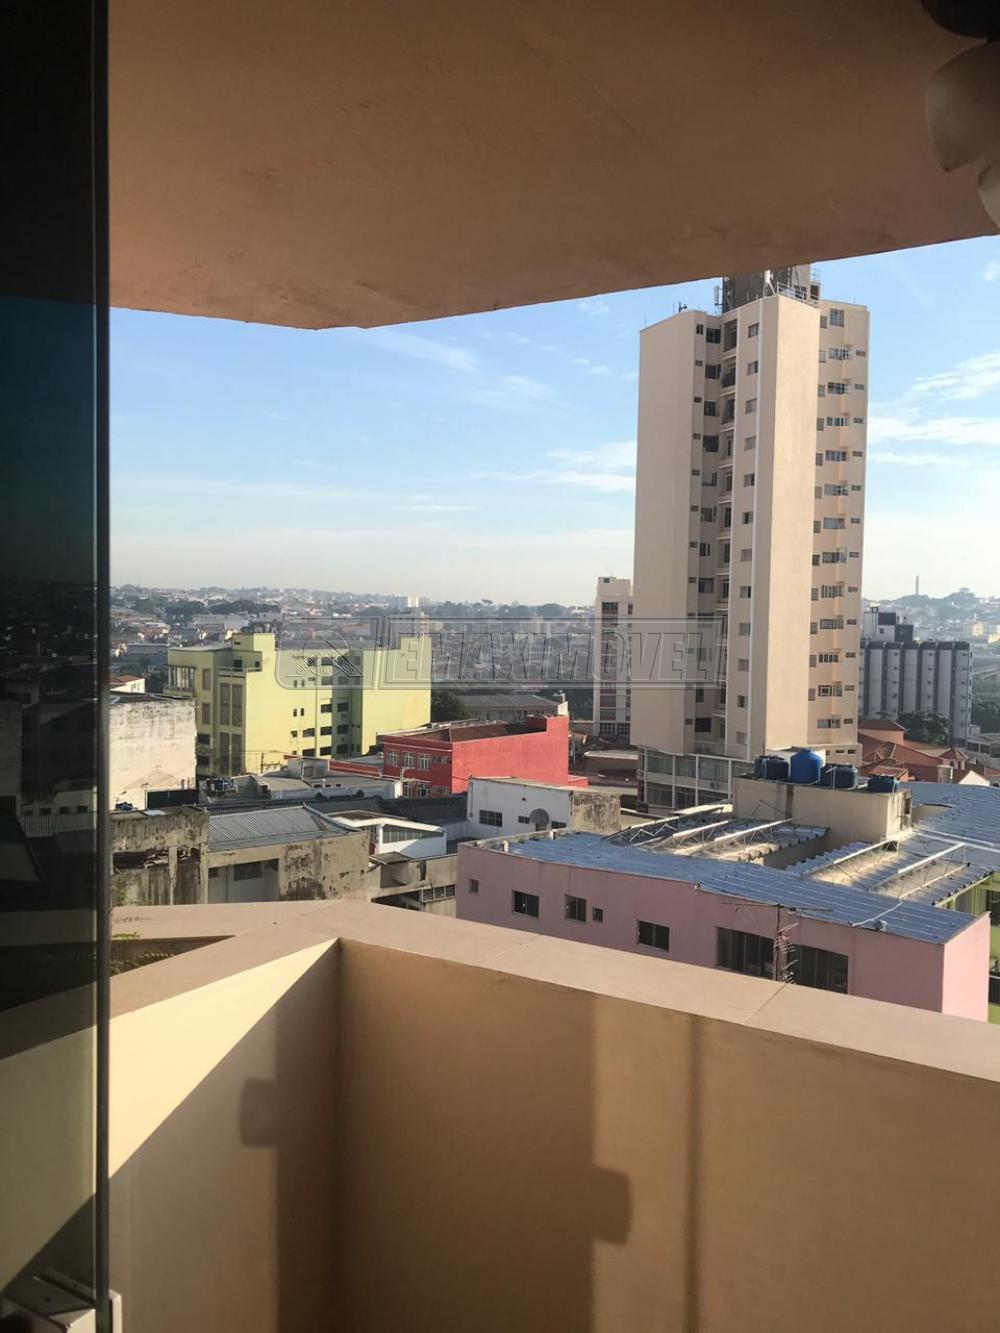 Comprar Apartamento / Padrão em Sorocaba R$ 430.000,00 - Foto 12